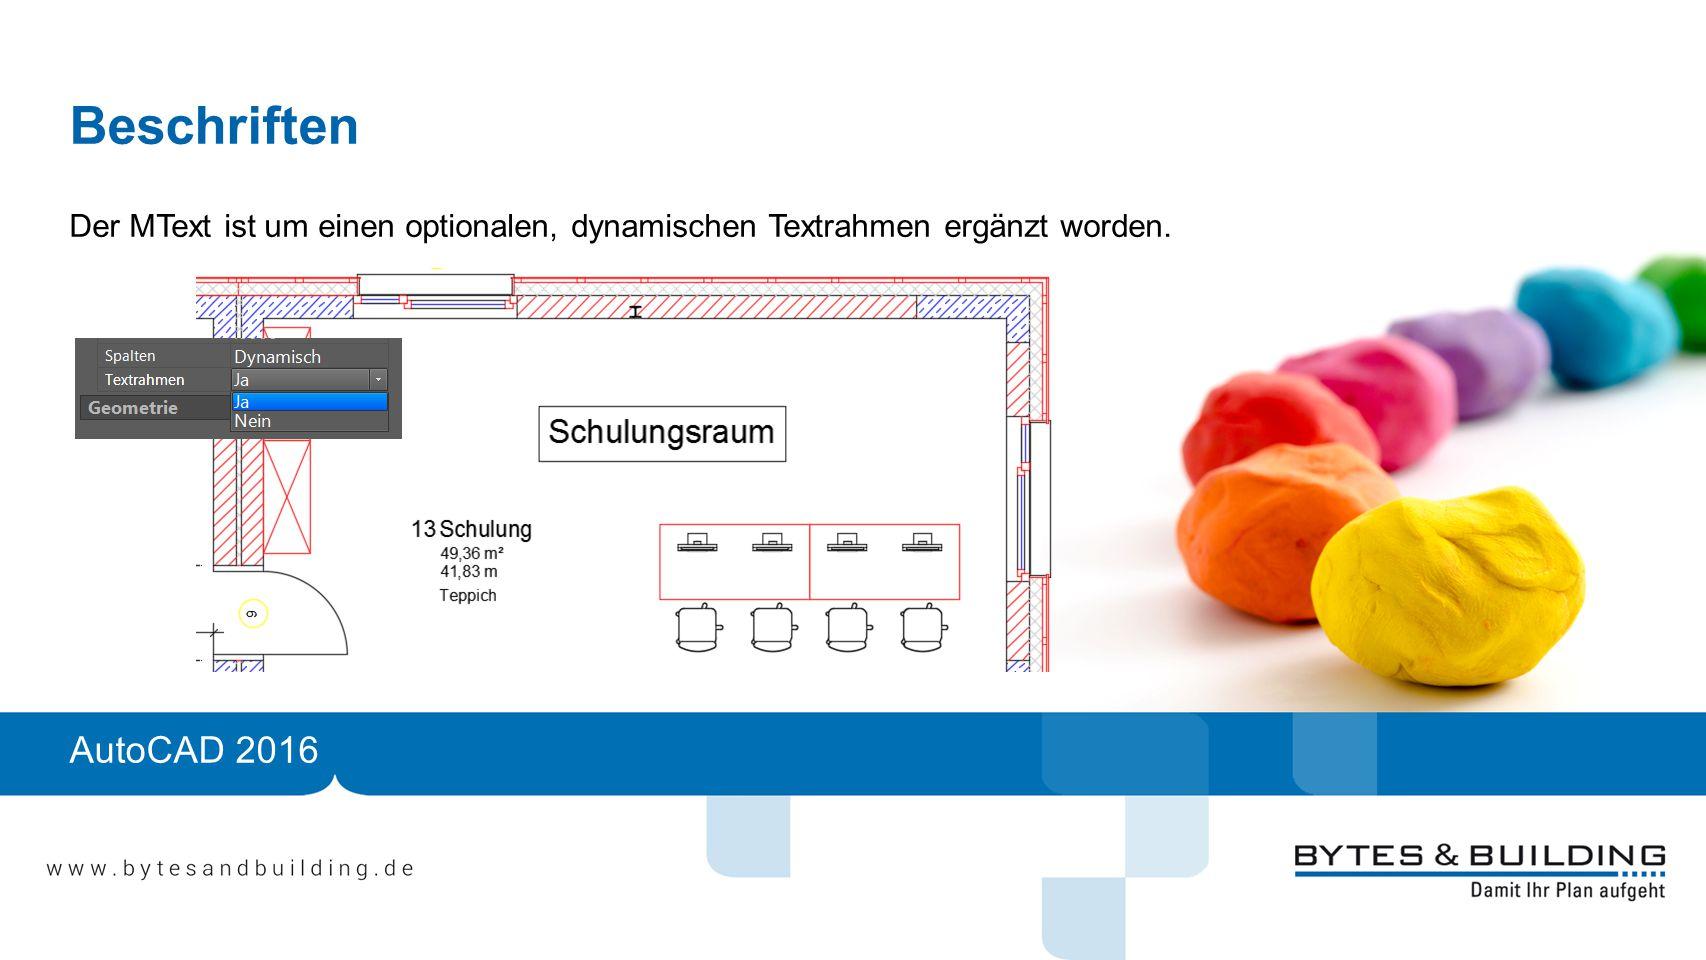 Beschriften Der MText ist um einen optionalen, dynamischen Textrahmen ergänzt worden. AutoCAD 2016